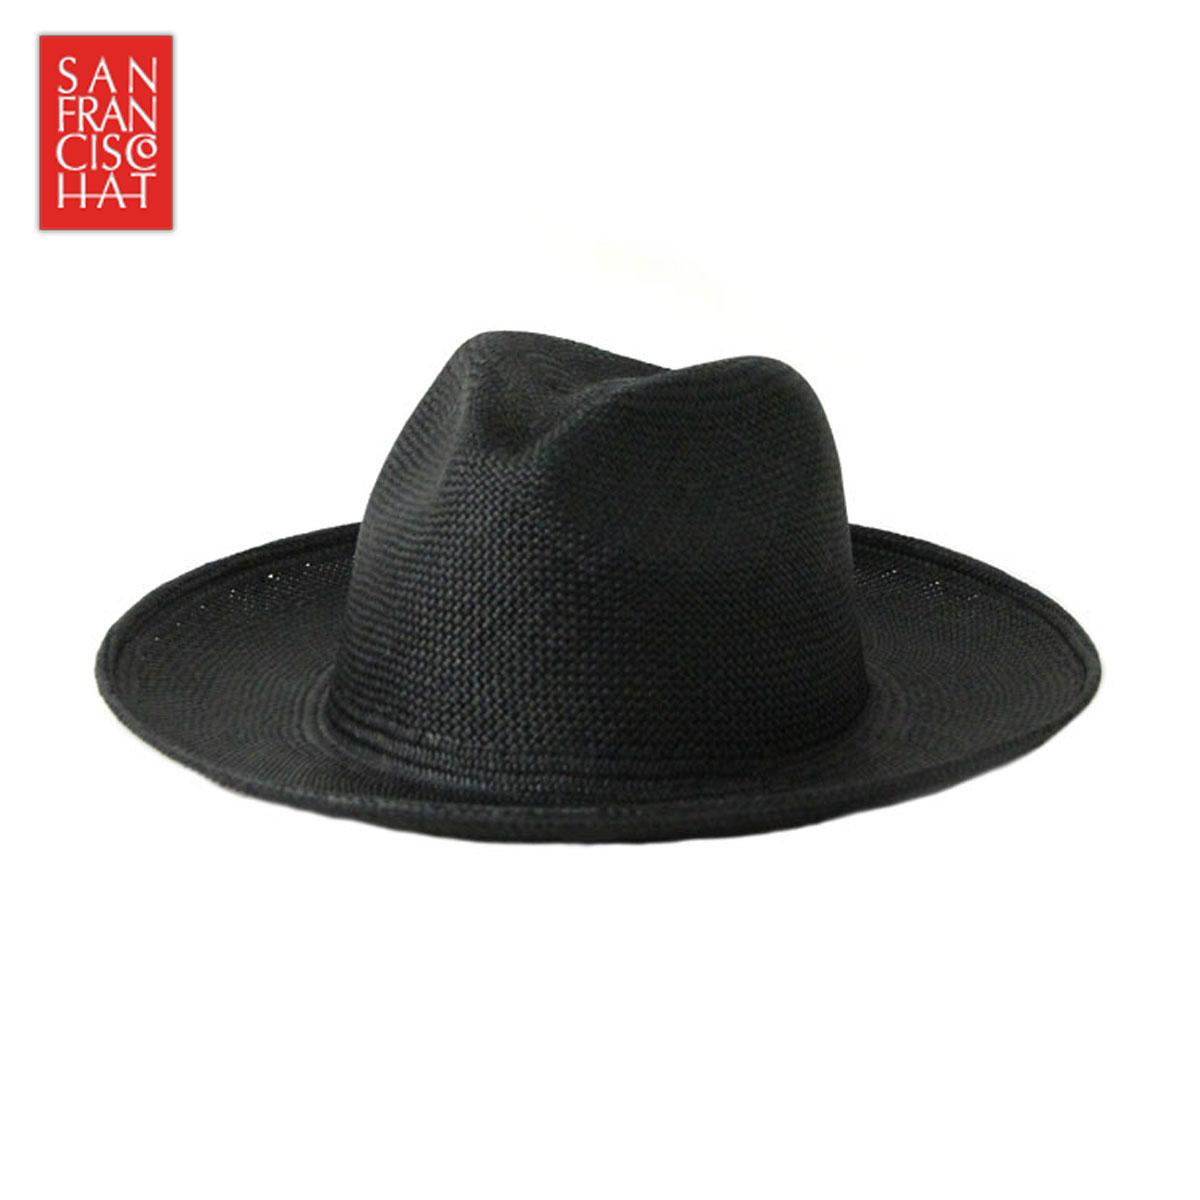 【ポイント10倍 6/4 20:00~6/11 01:59まで】 サンフランシスコハット SANFRANCISC HAT 正規販売店 正規品 帽子 ハット BRISA FEDORA 8CM BLACK D00S20 父の日